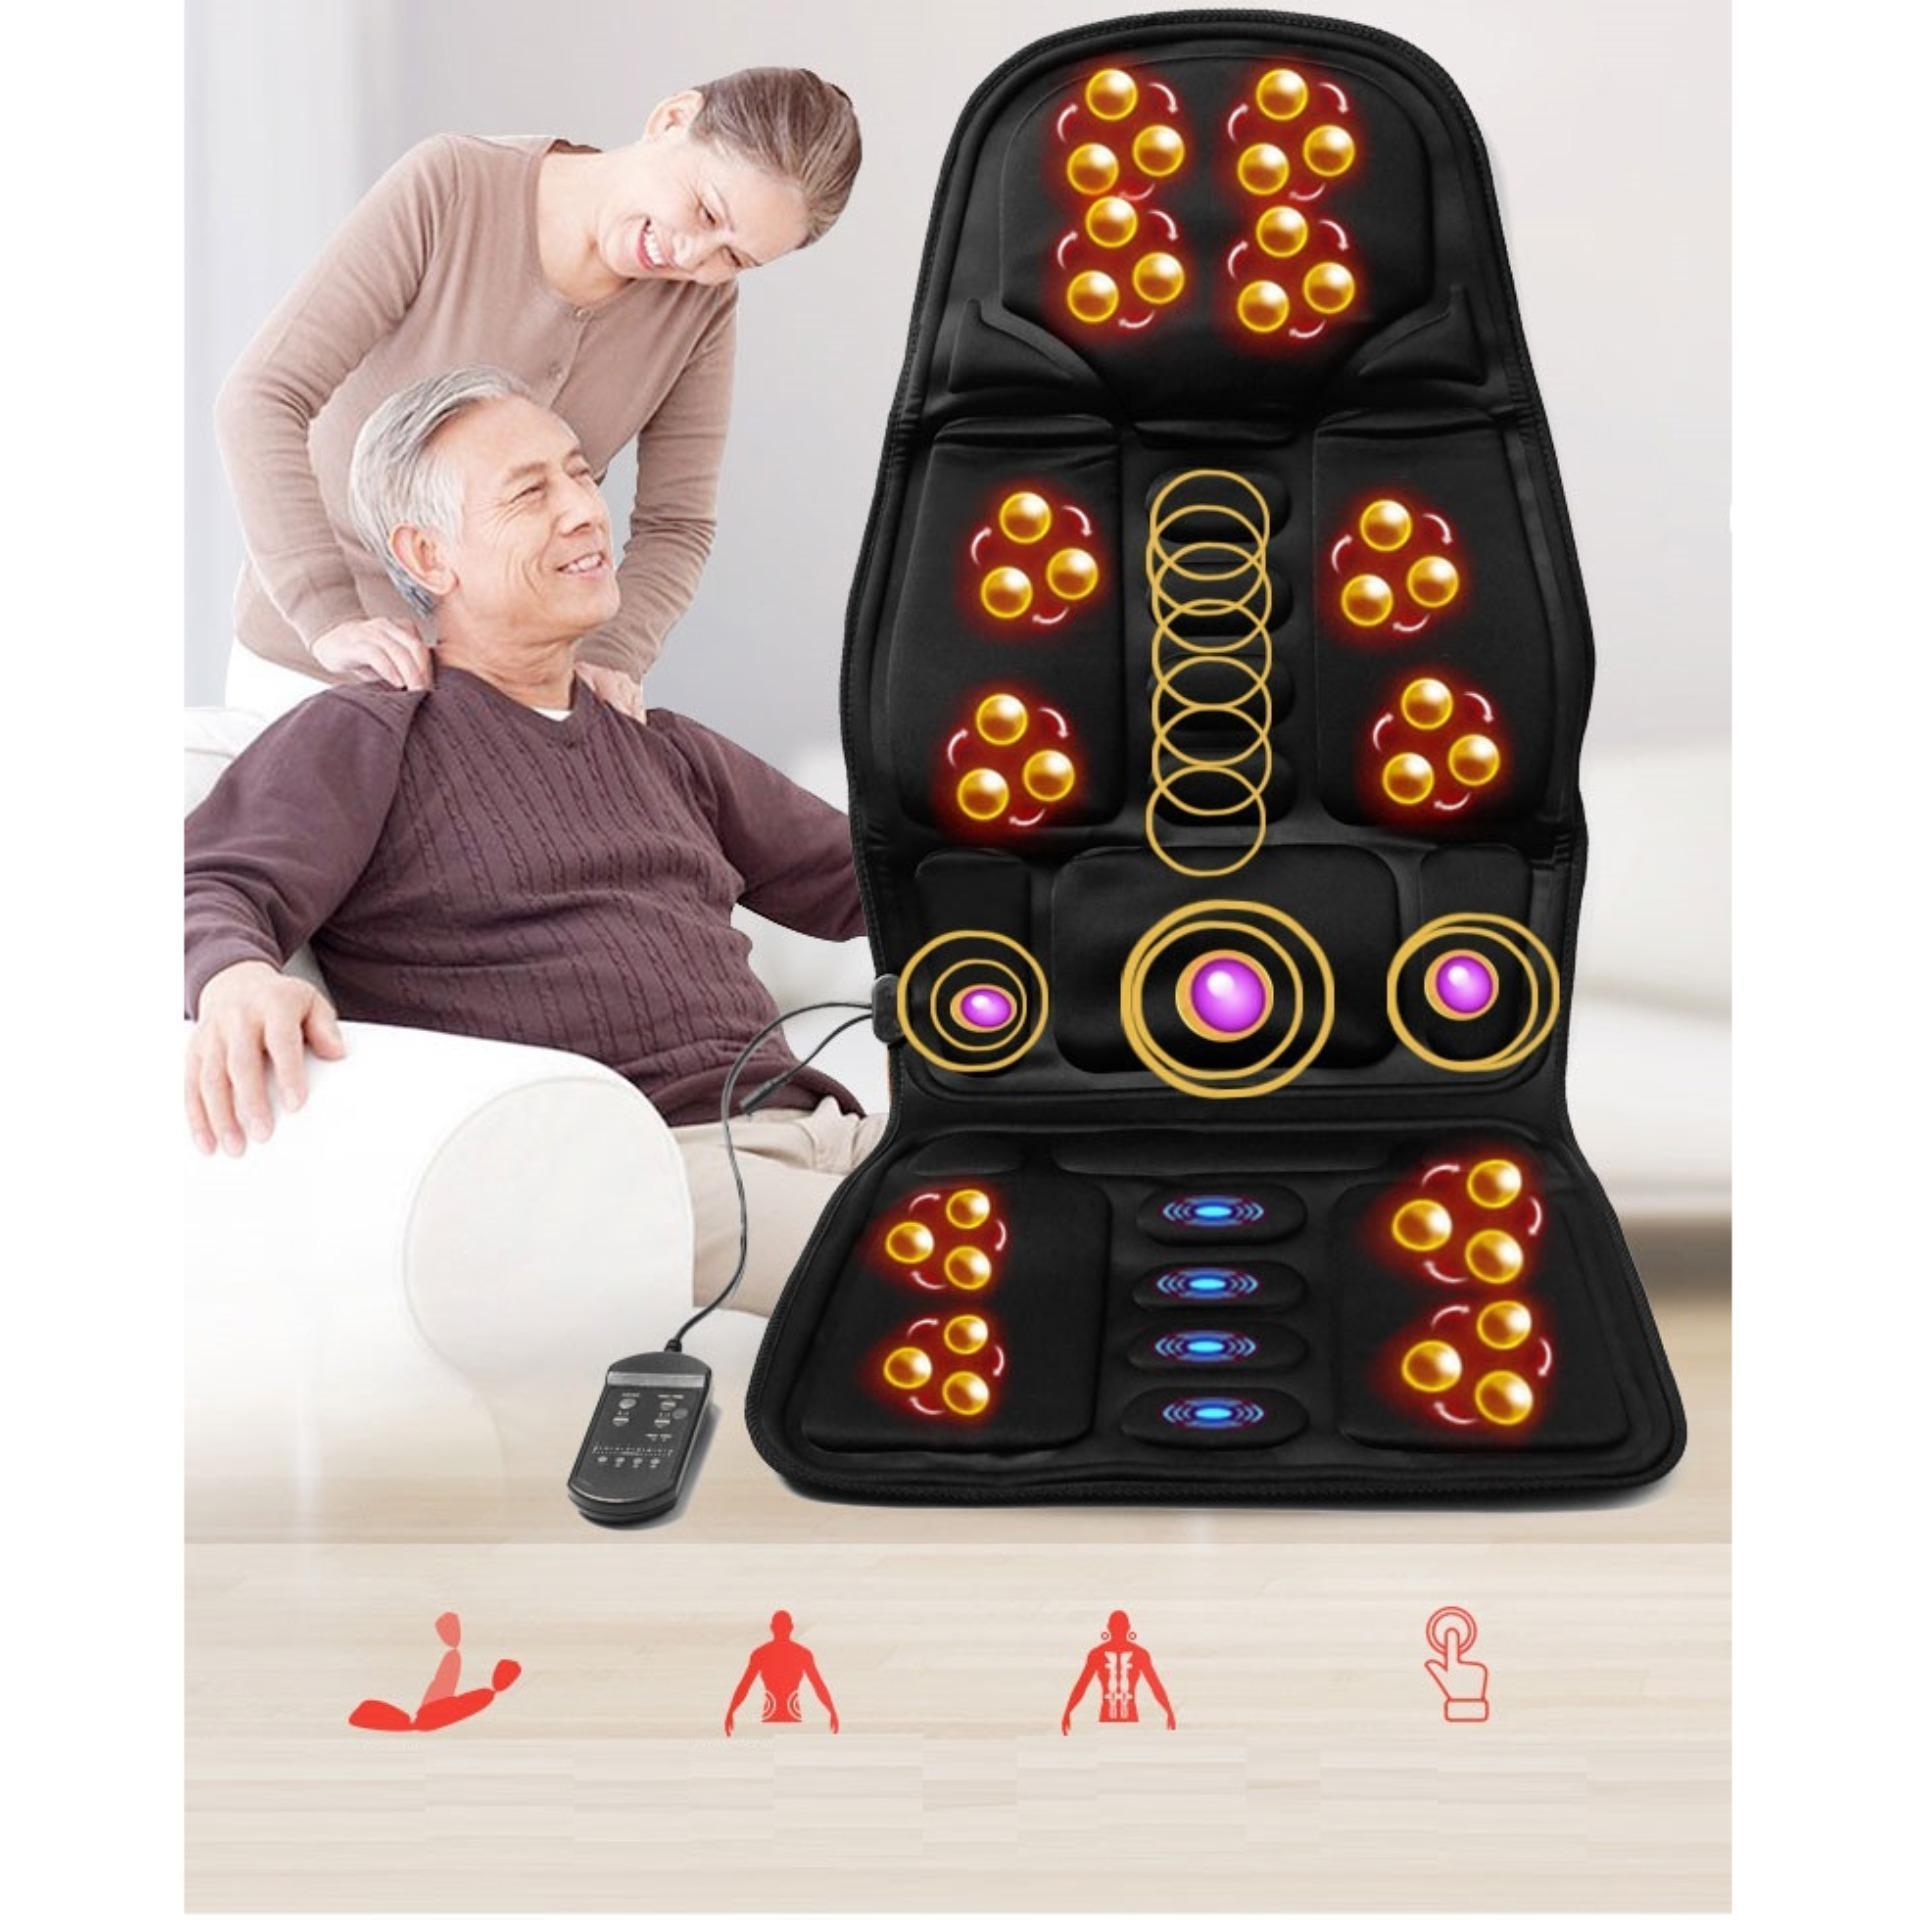 NỆM MASSAGE TOÀN THÂN - Đệm ghế matxa toàn thân  - Đệm ghế massage toàn thân ( Dùng được trên oto ) nhập khẩu